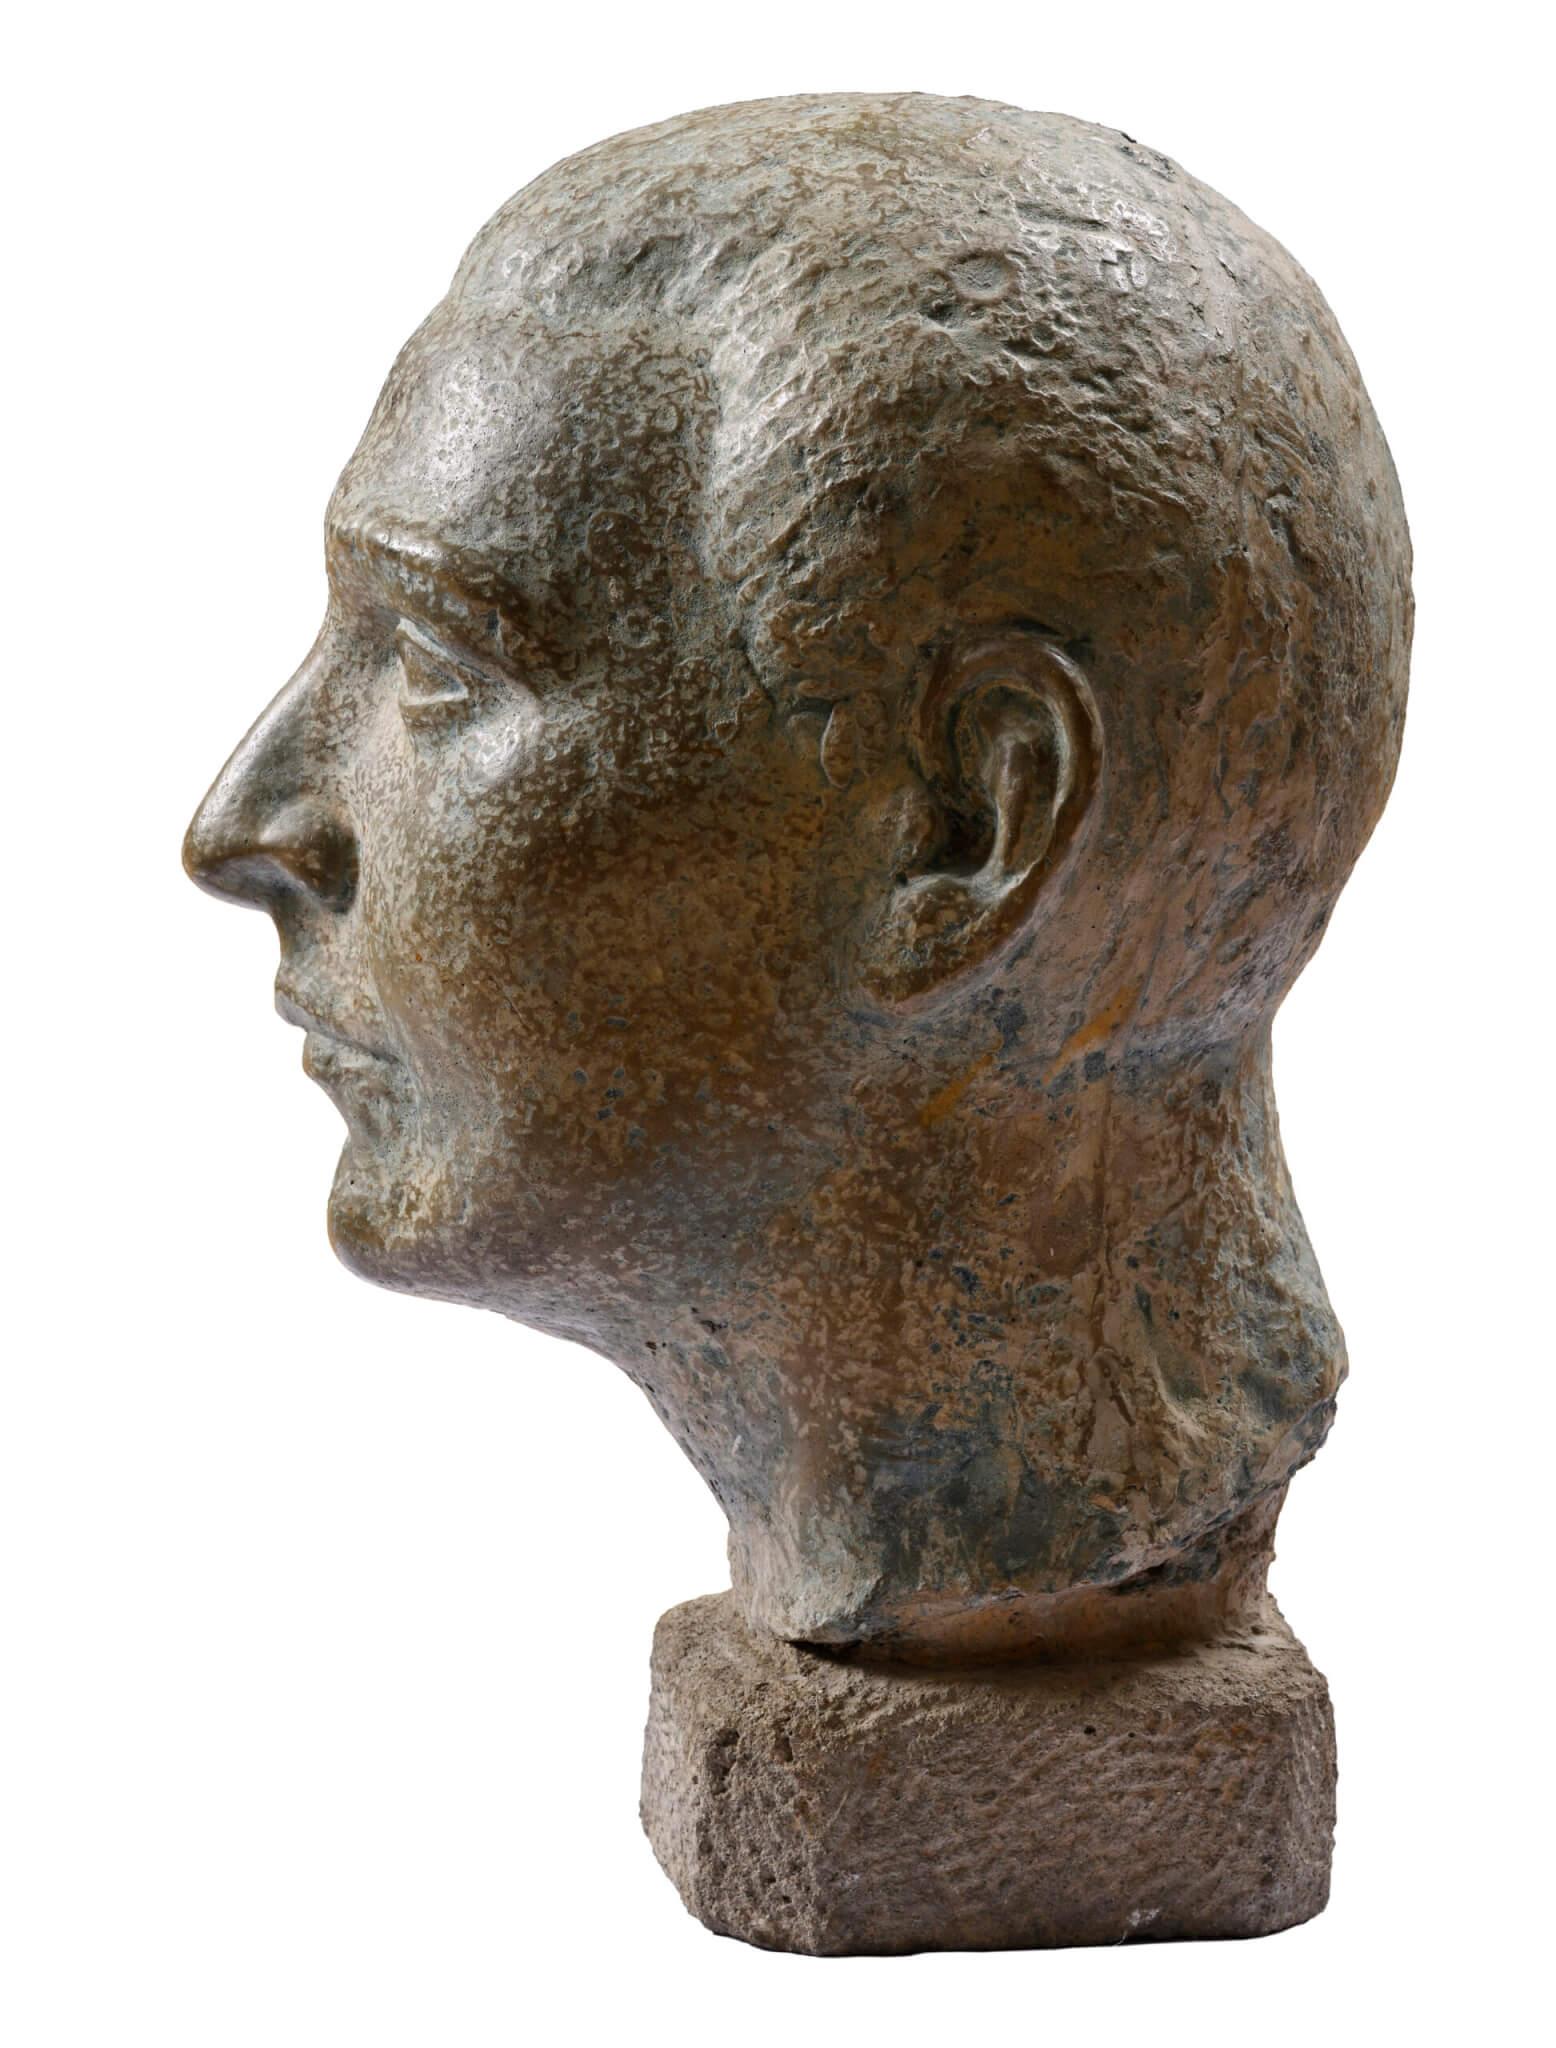 Anton-Starkopf-Allee-galerii-sügisoksjon